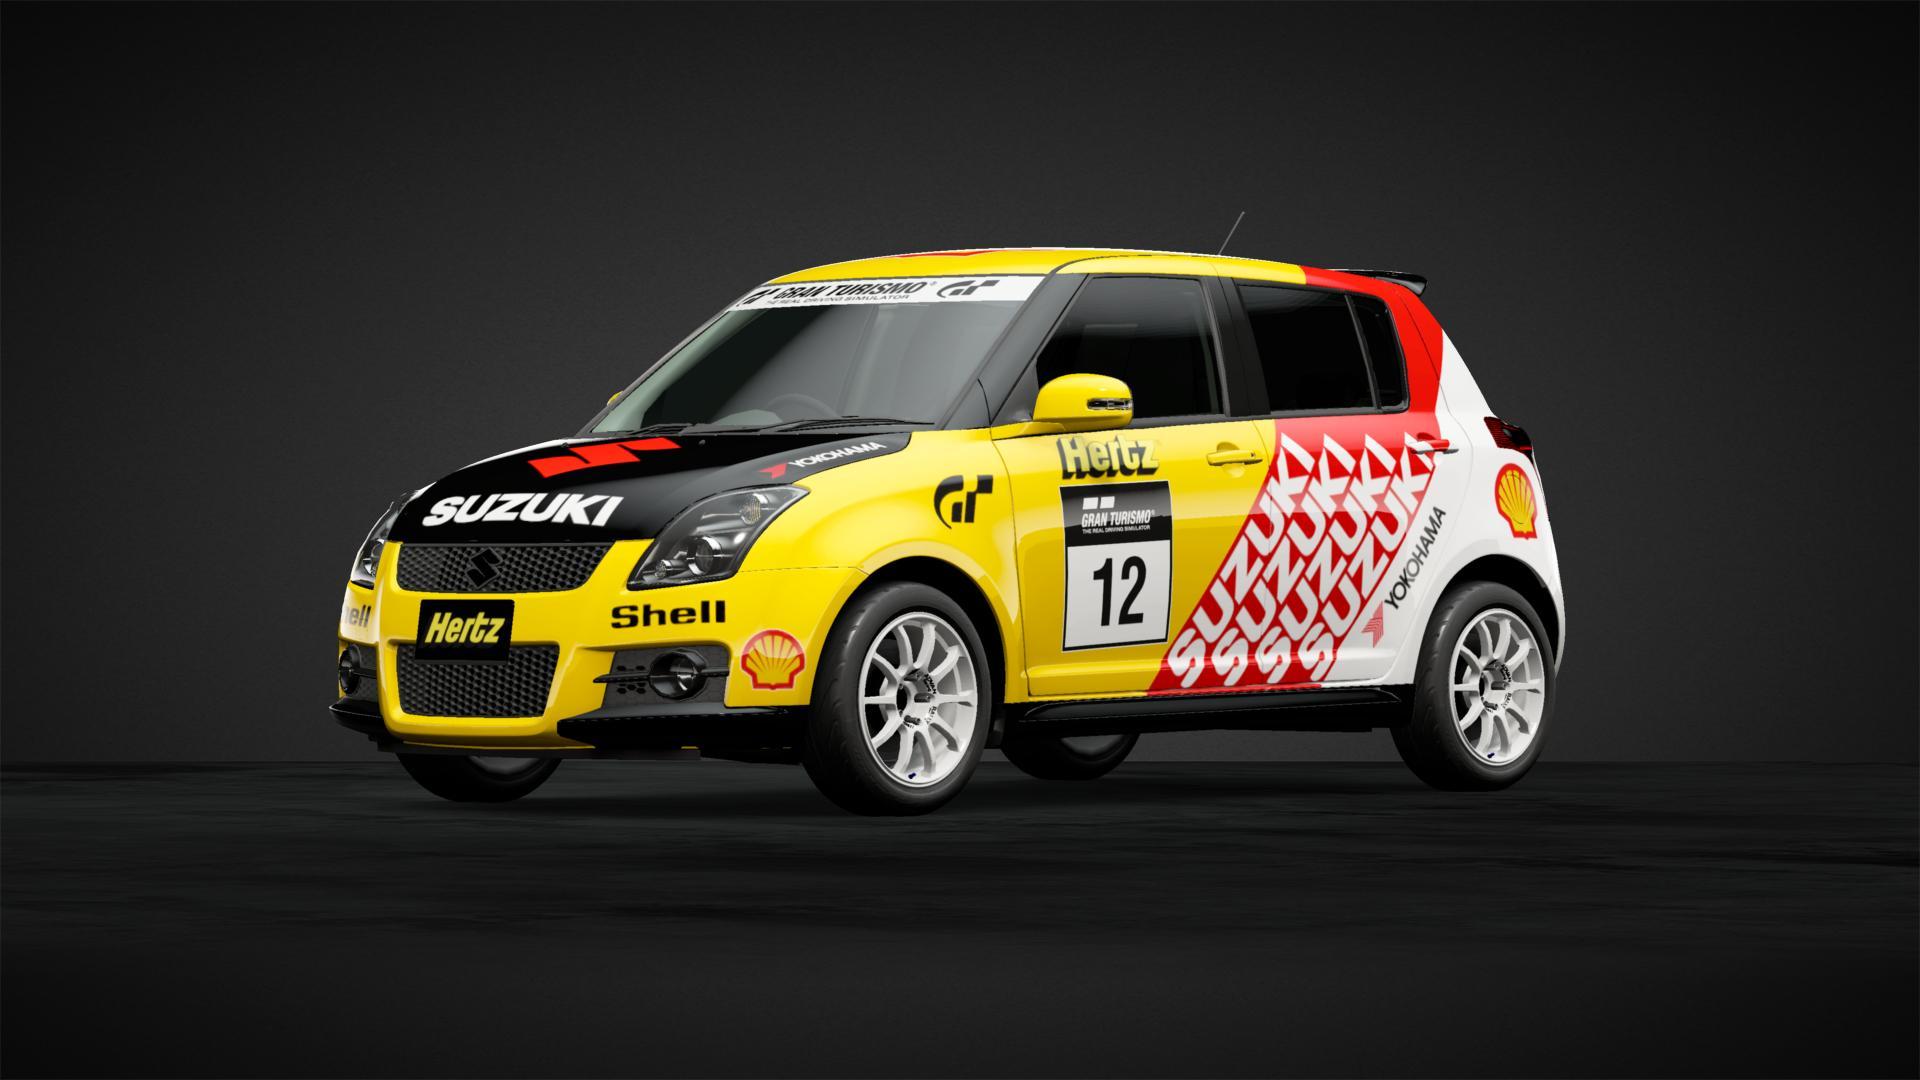 Suzuki Works Racing Swift Car Livery By Tezzamcj Community